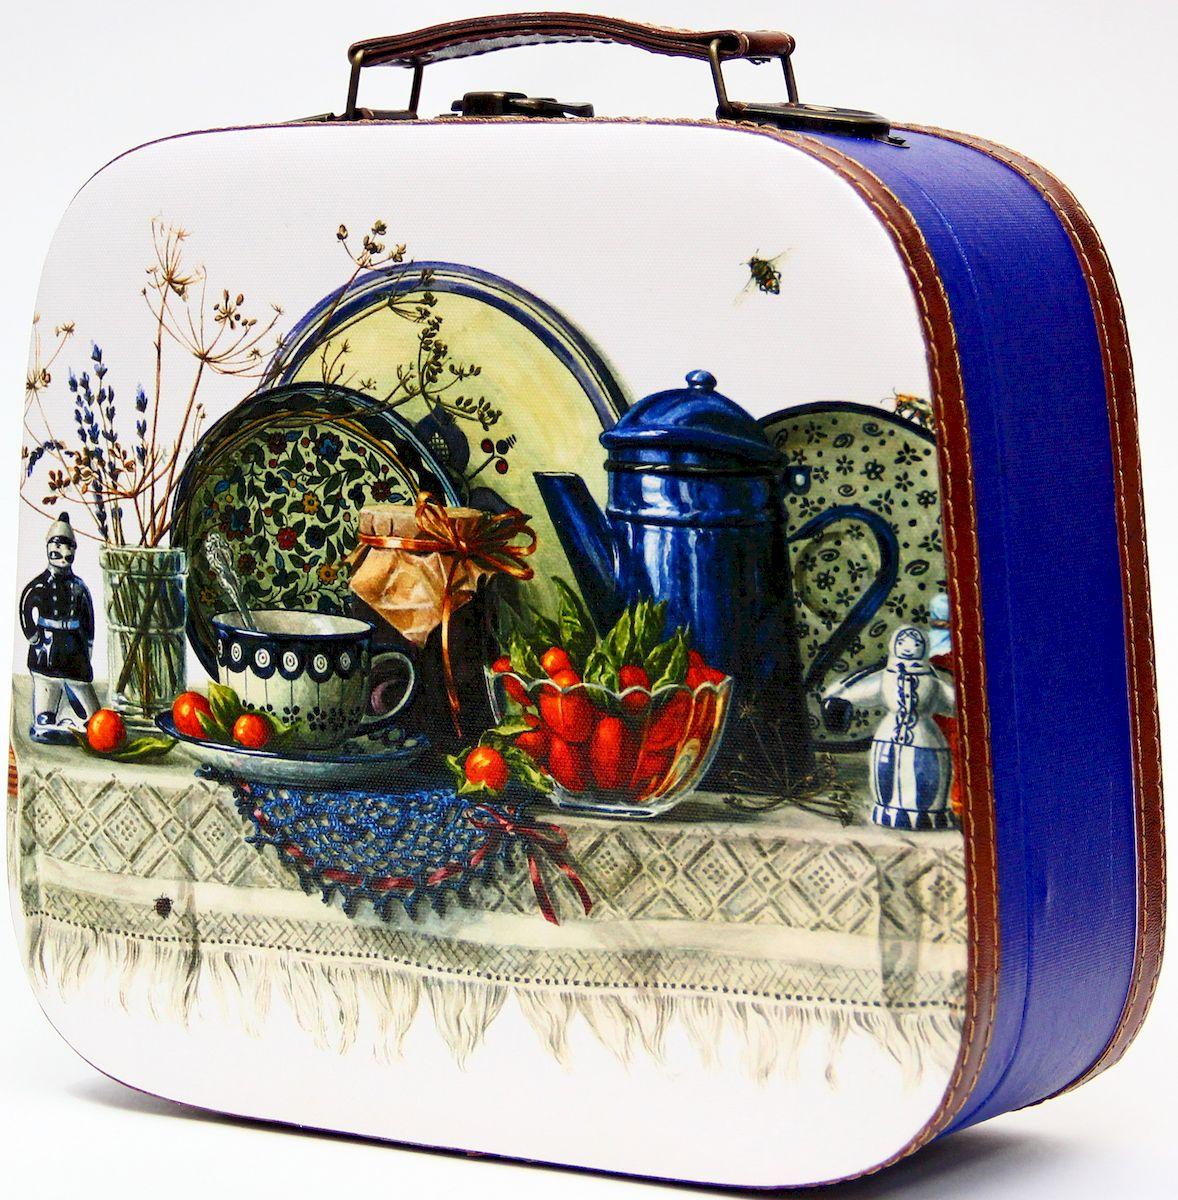 Шкатулка декоративная Magic Home Синий натюрморт, цвет: синий, 28,5 х 25 х 10,5 см42731Декоративная шкатулка Magic Home Синий натюрморт, выполненная из МДФ, оформлена ярким цветным изображением. Изделие закрывается на металлический замок и оснащено оригинальной ручкой под старину для переноски.Такая шкатулка может использоваться для хранения бижутерии, предметов рукоделия, в качестве украшения интерьера, а также послужит хорошим подарком для человека, ценящего практичные и оригинальные вещицы.